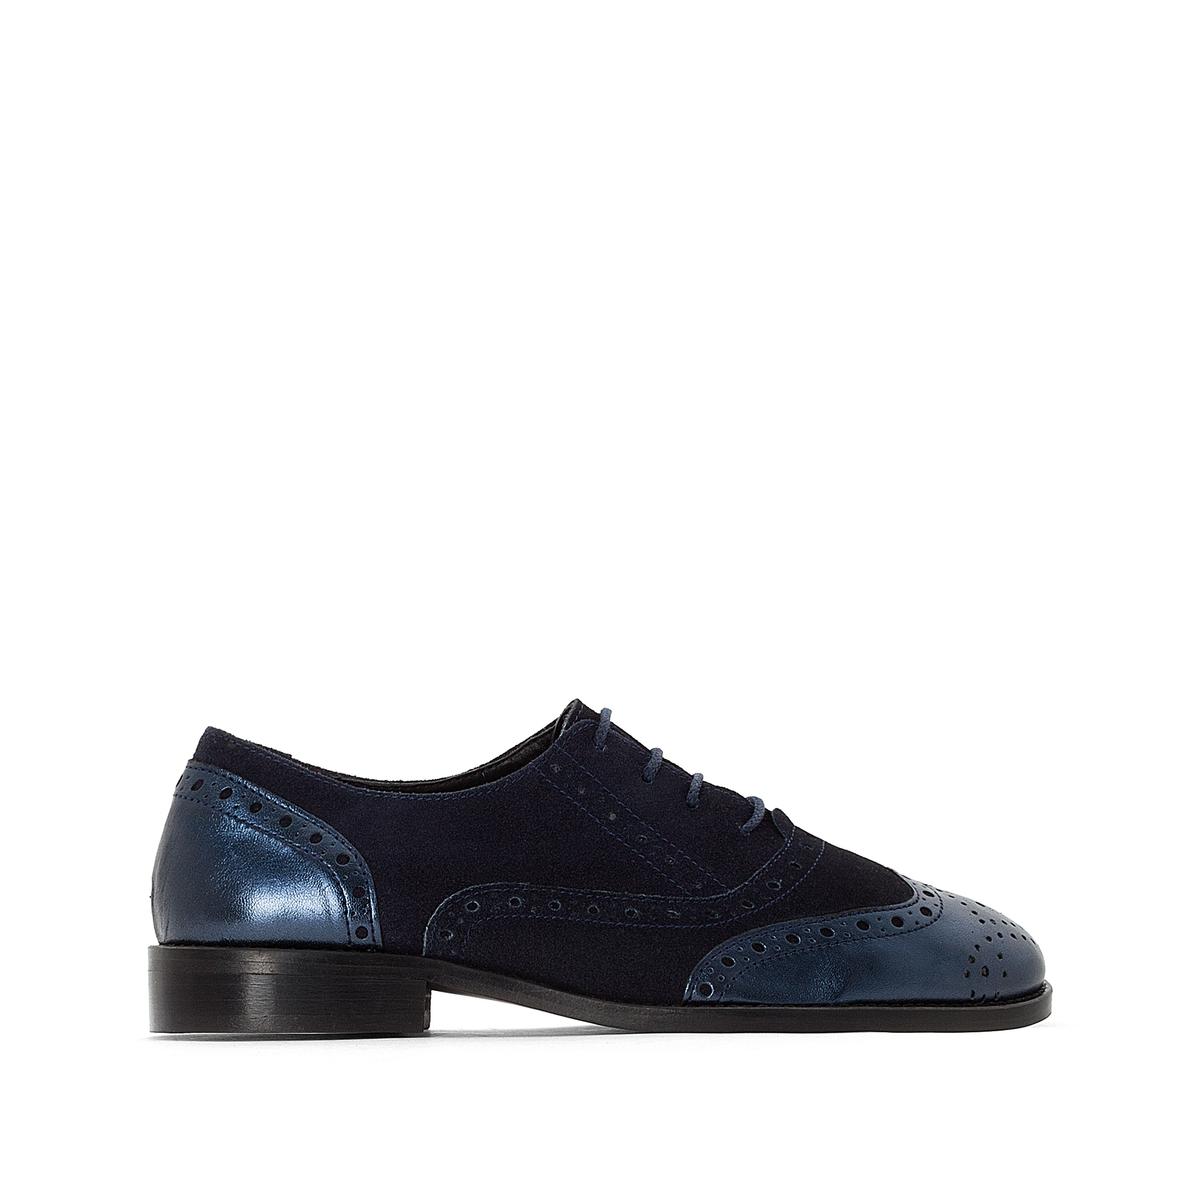 Ботинки-дерби кожаные из двух материалов с перфорированным мыском цены онлайн